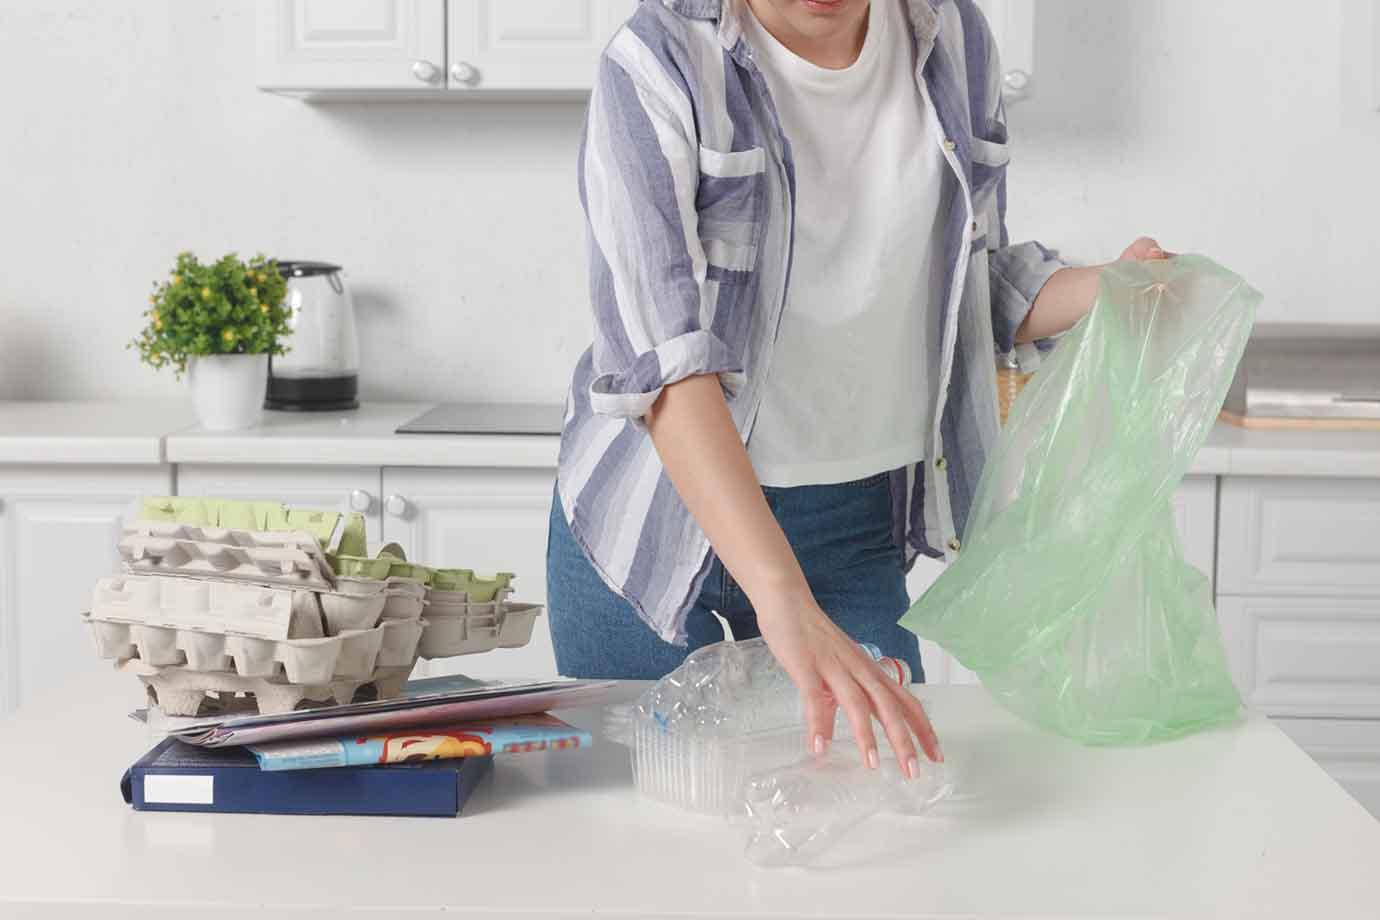 エシカル消費とは「消費者それぞれが各自にとっての社会的課題の解決を考慮したり、そうした課題に取り組む事業者を応援しながら消費活動を行ったりすること」を指します